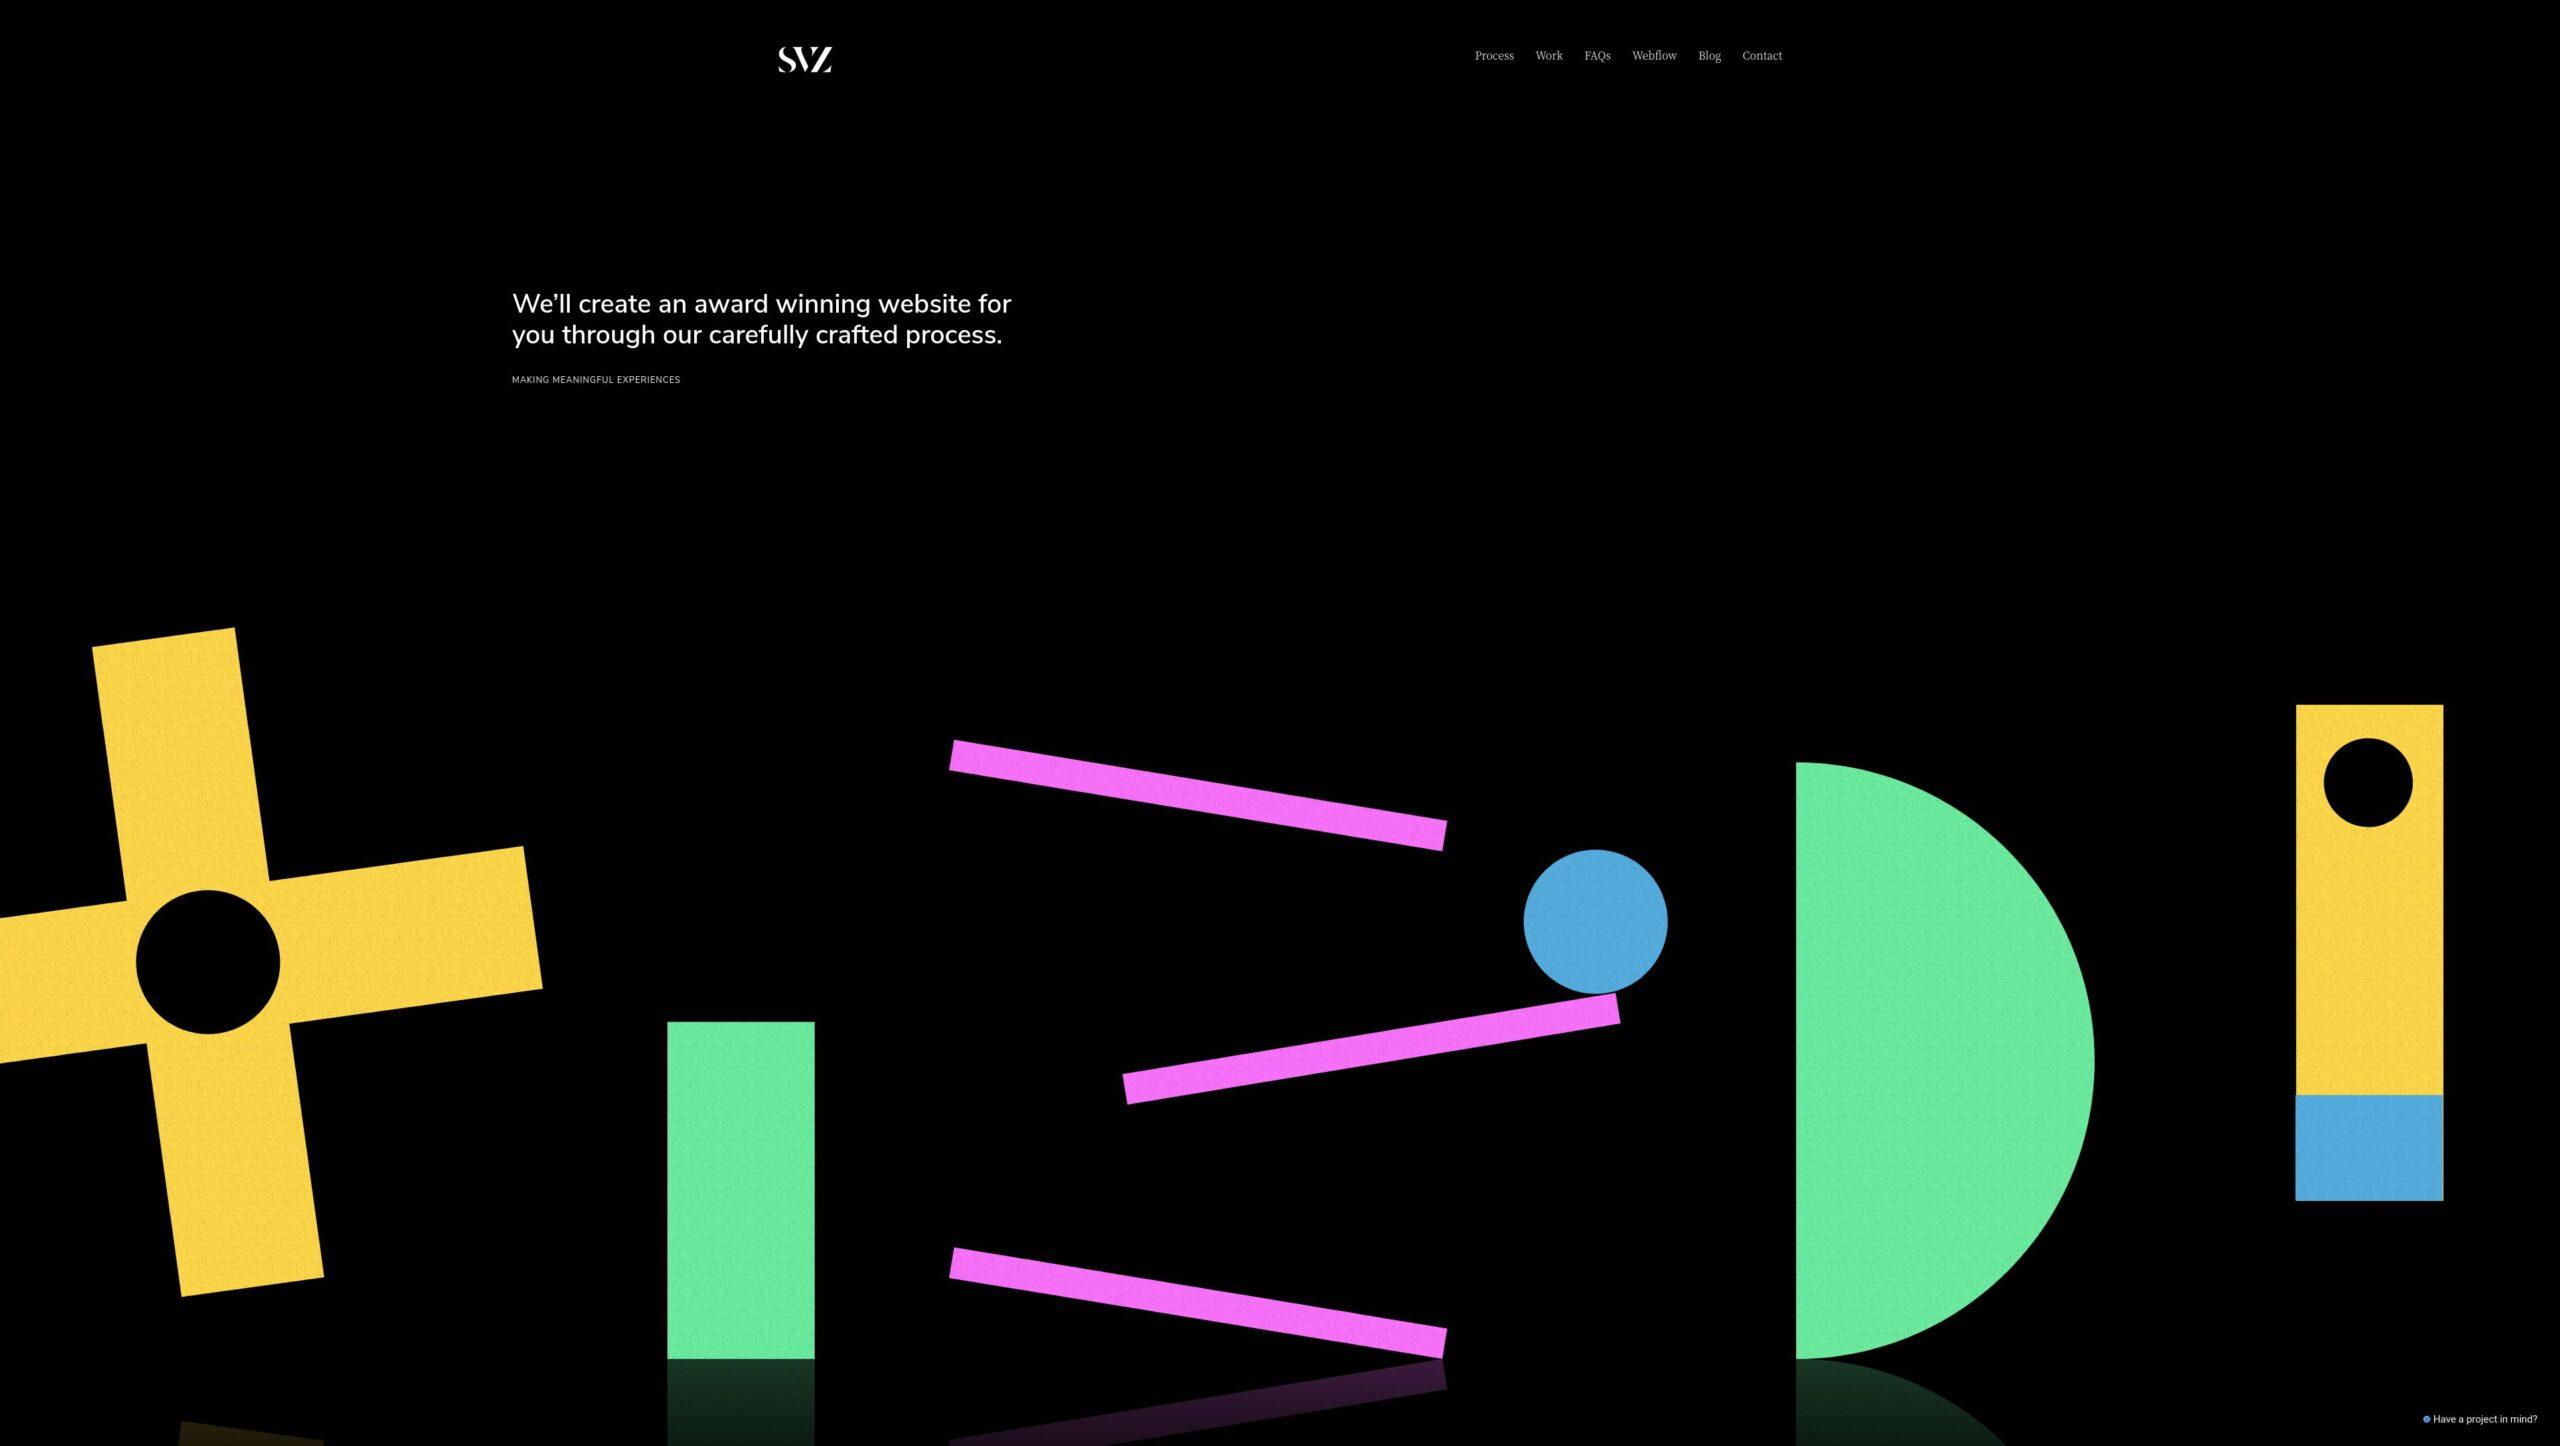 Orpetron Web Design Awards - Best Webflow Website - Web Design Awards Inspiration Trends UI UX